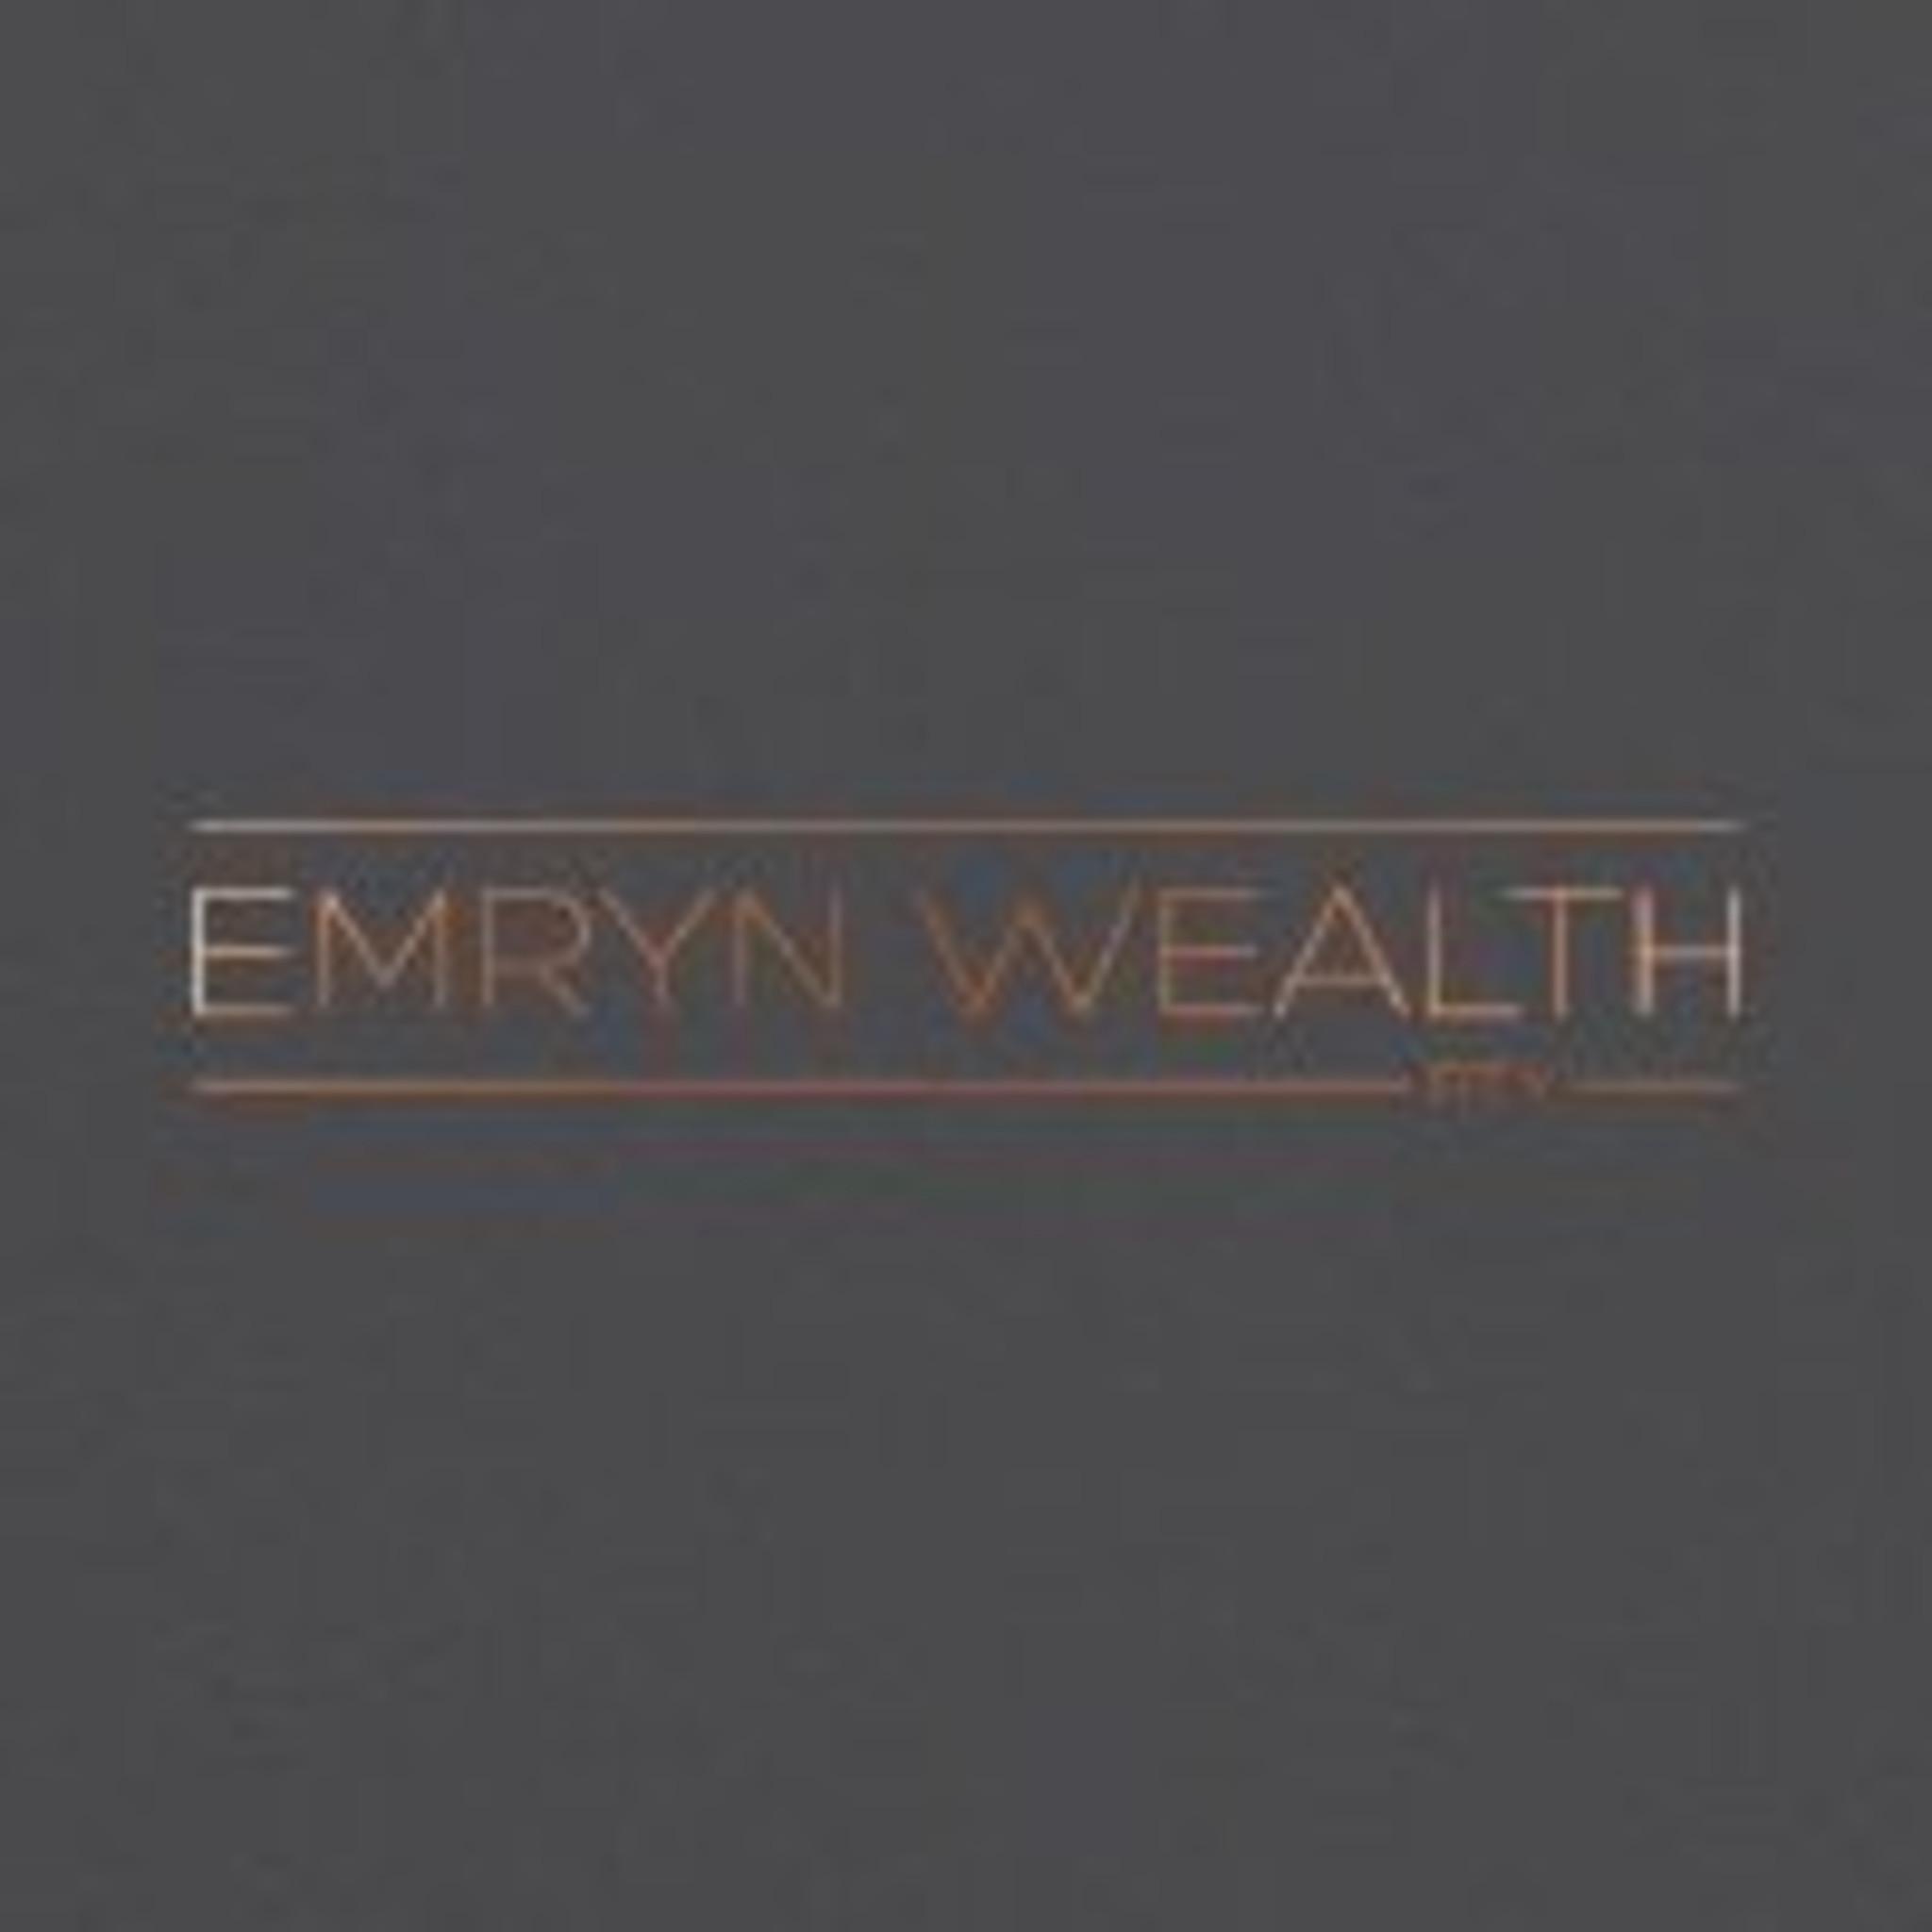 Financial wellness - Short term insurance